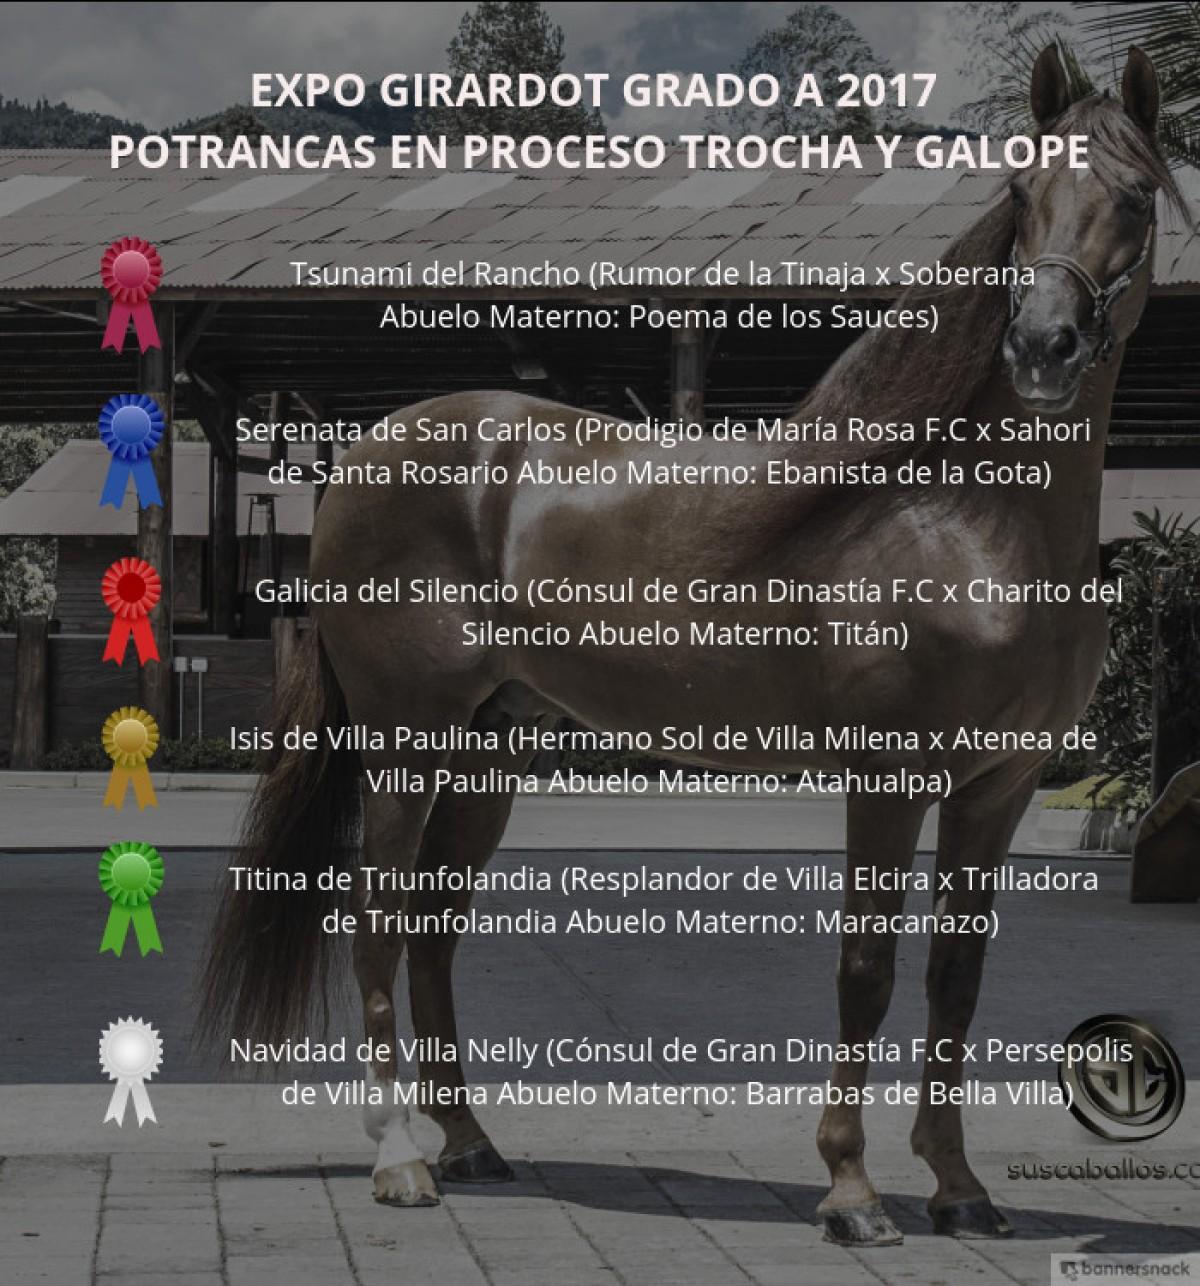 VÍDEO: Tsunami Mejor, Serenata 1P, Potrancas Trocha Y Galope, Expo Girardot 2017